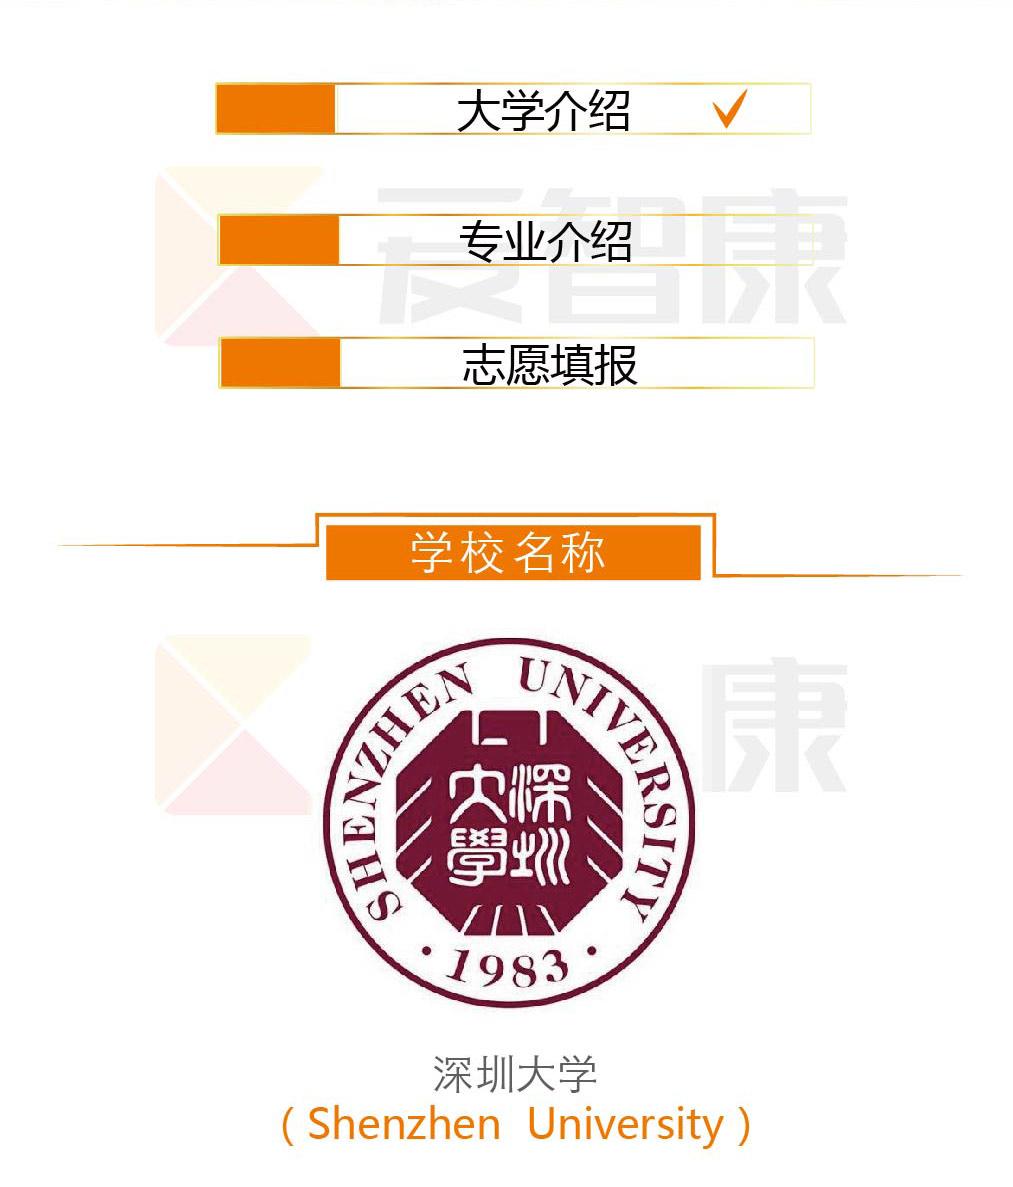 深圳大学图标